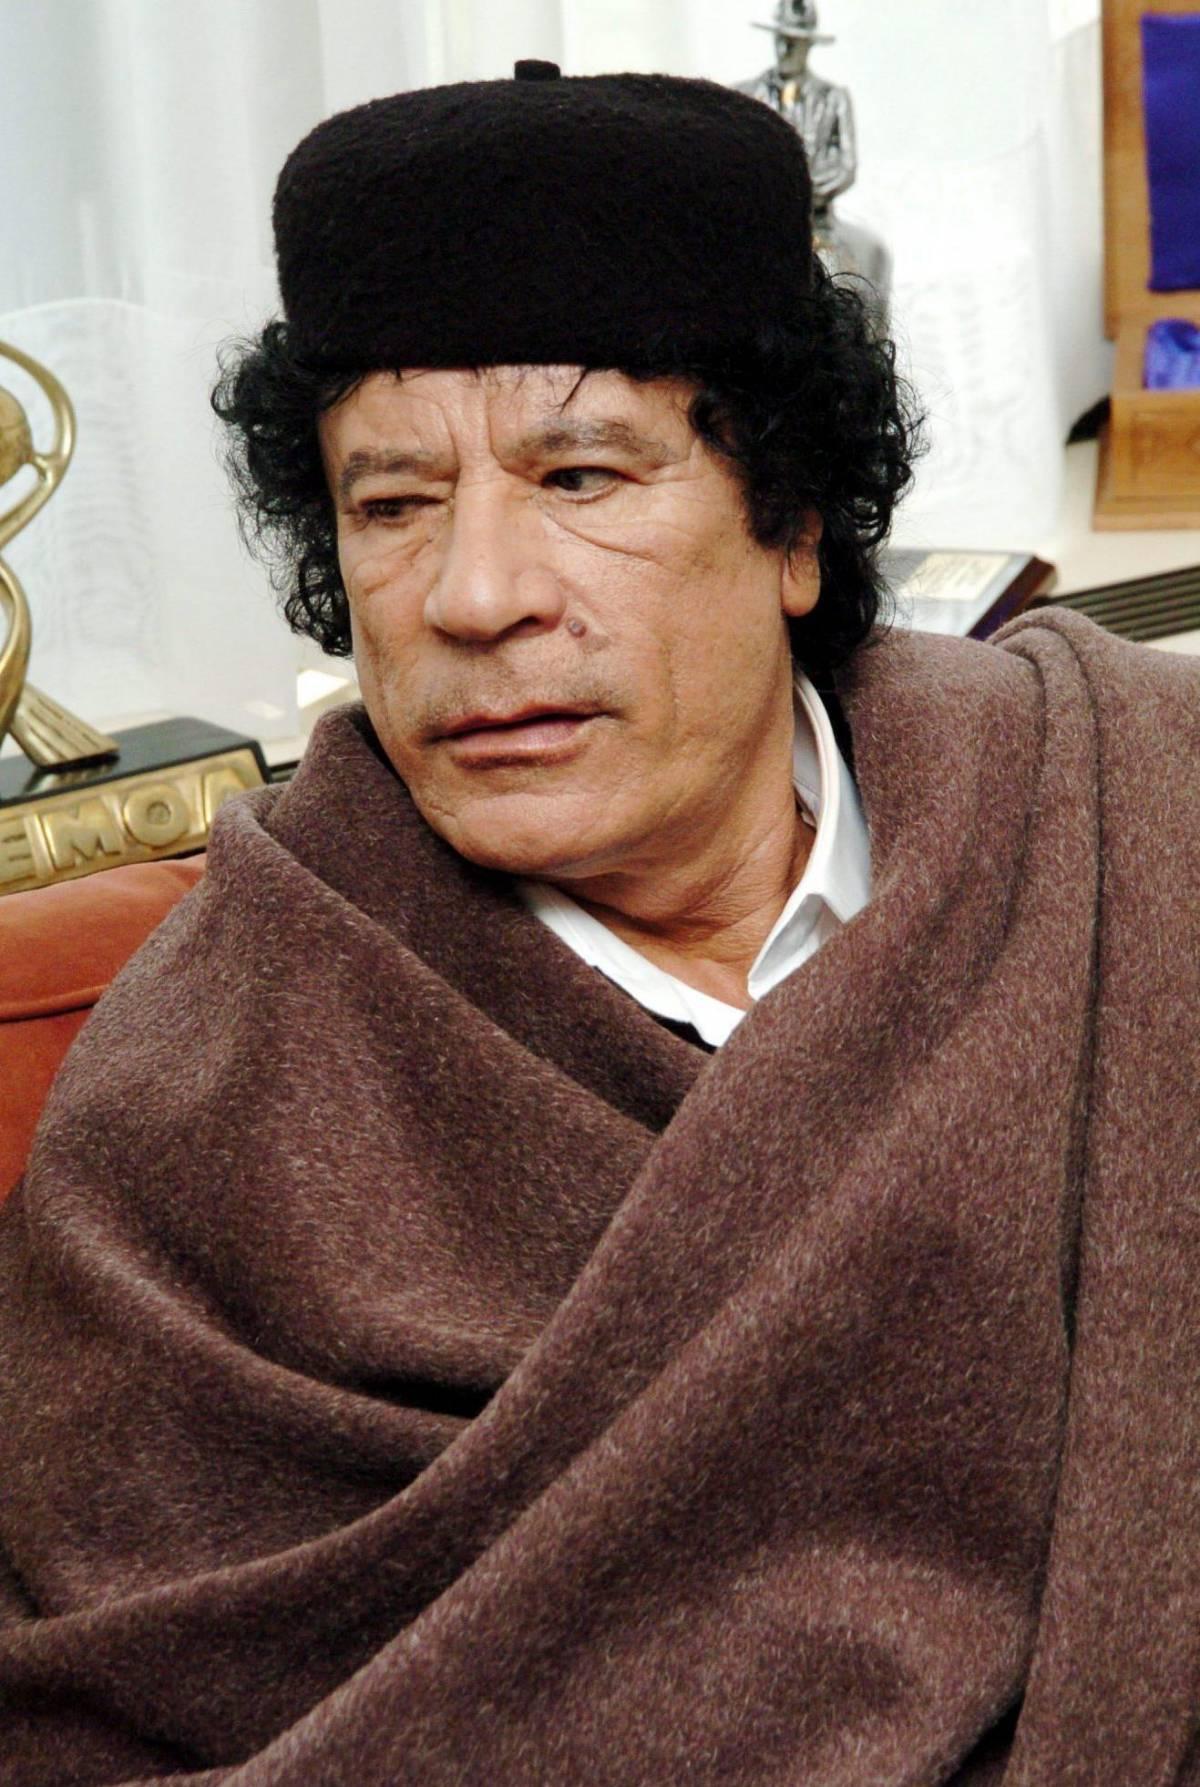 Il segreto da nascondere: l'omicidio di Gheddafi